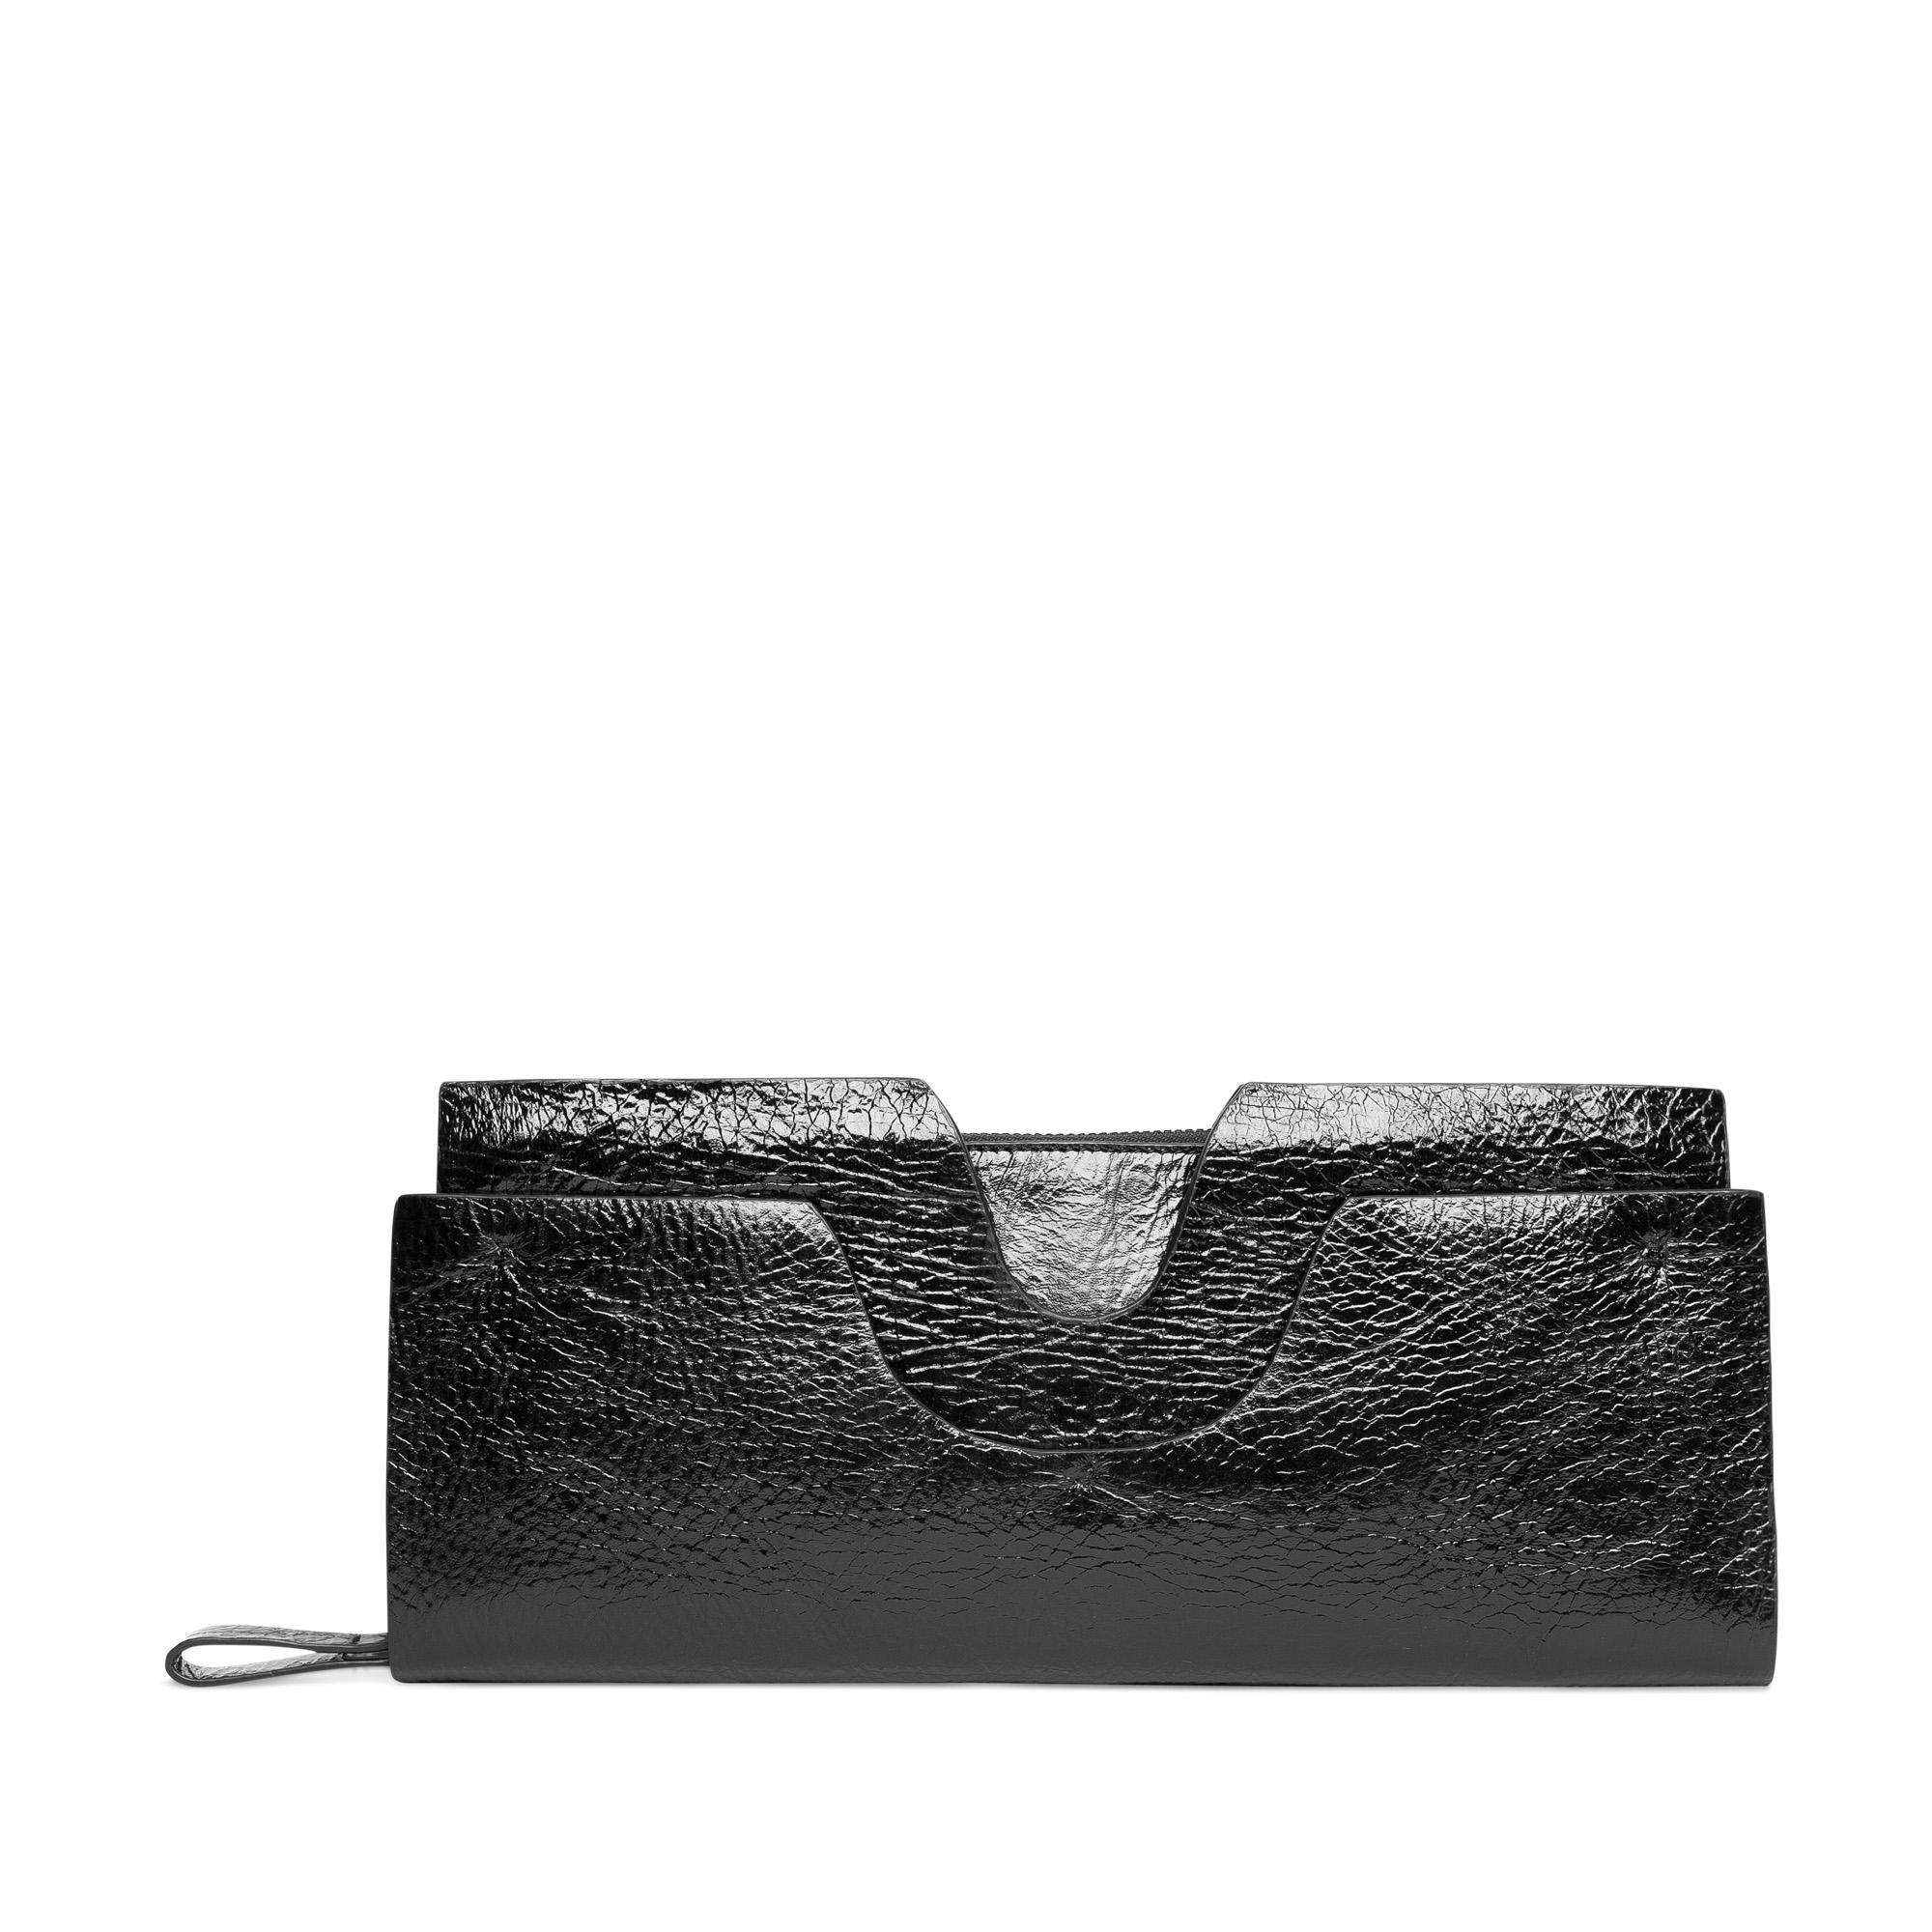 Геометричный клатч из лакированной фактурной кожи черного цвета